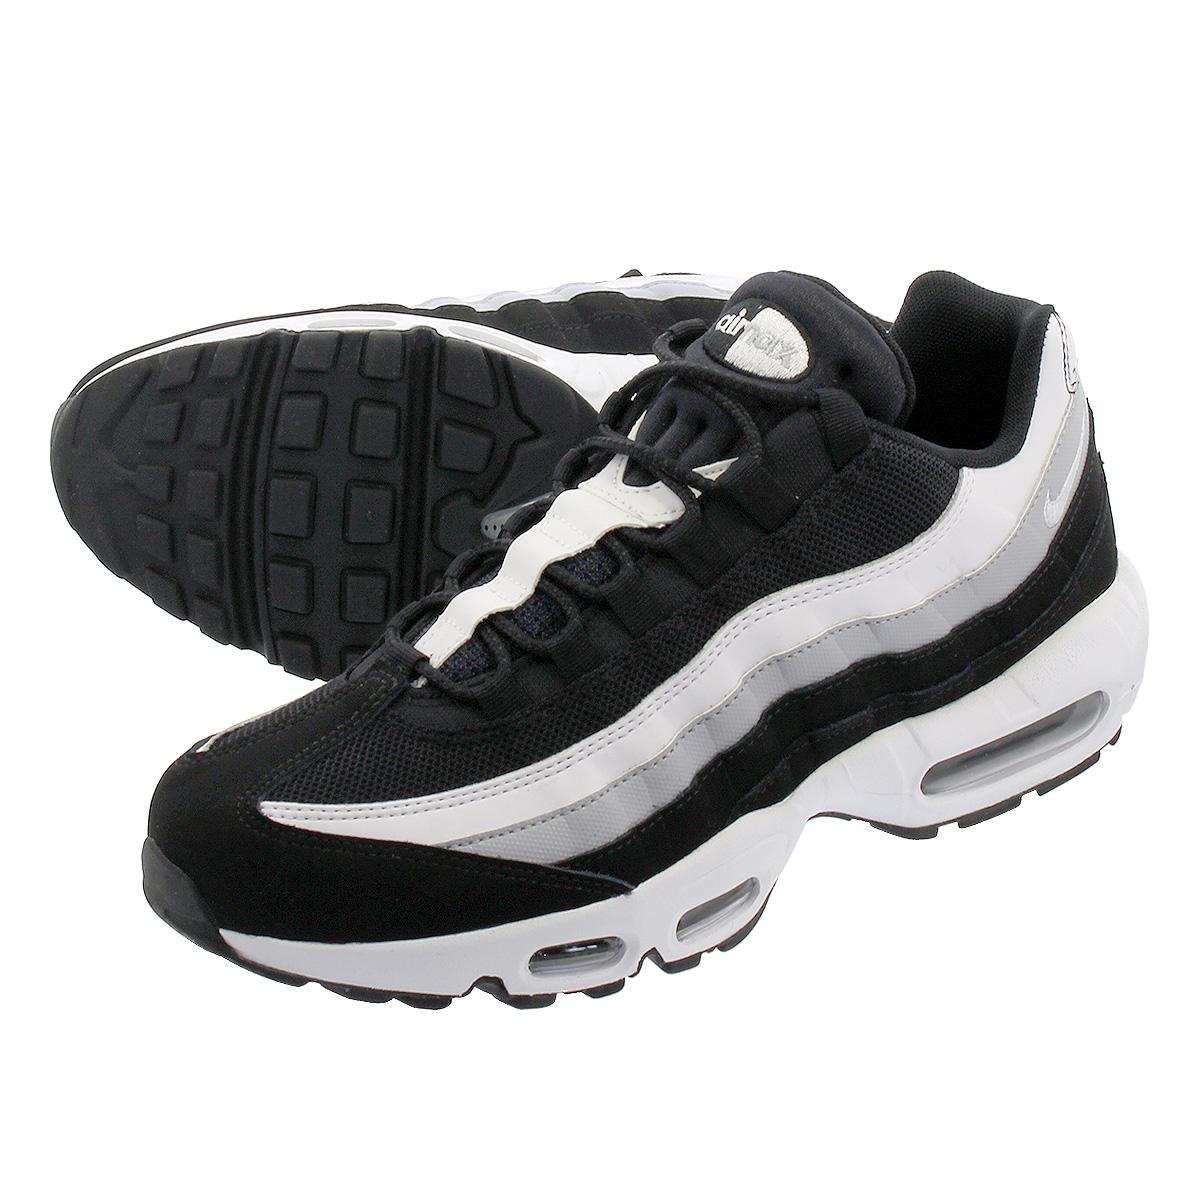 Nike Air Max 95 Essential Czarny Wilk Szary BiałY